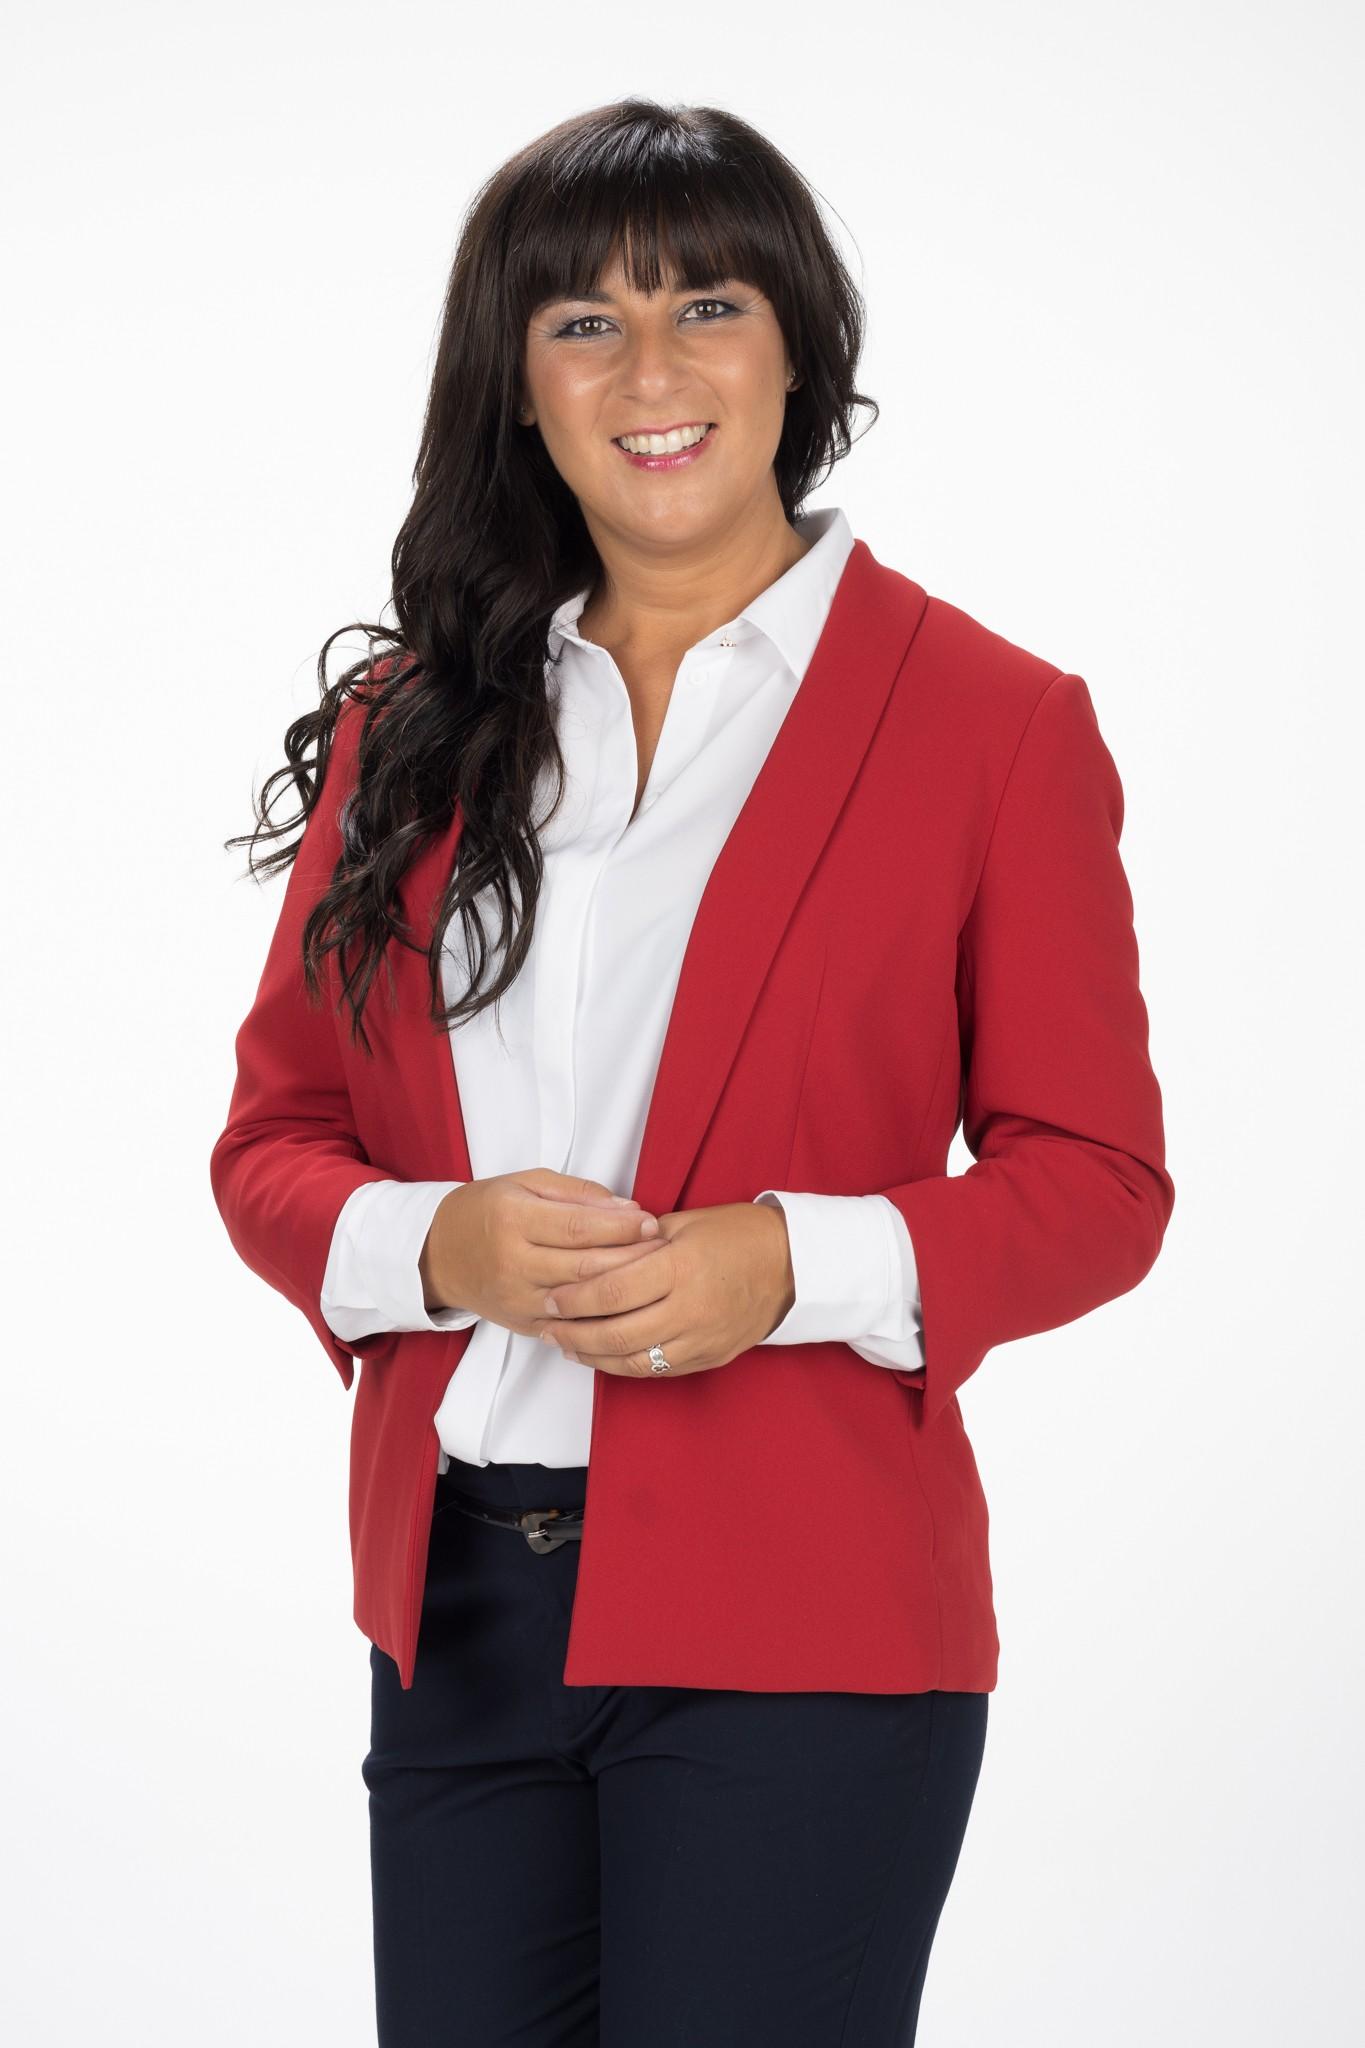 Lourdes Isabel Blasco Rayego